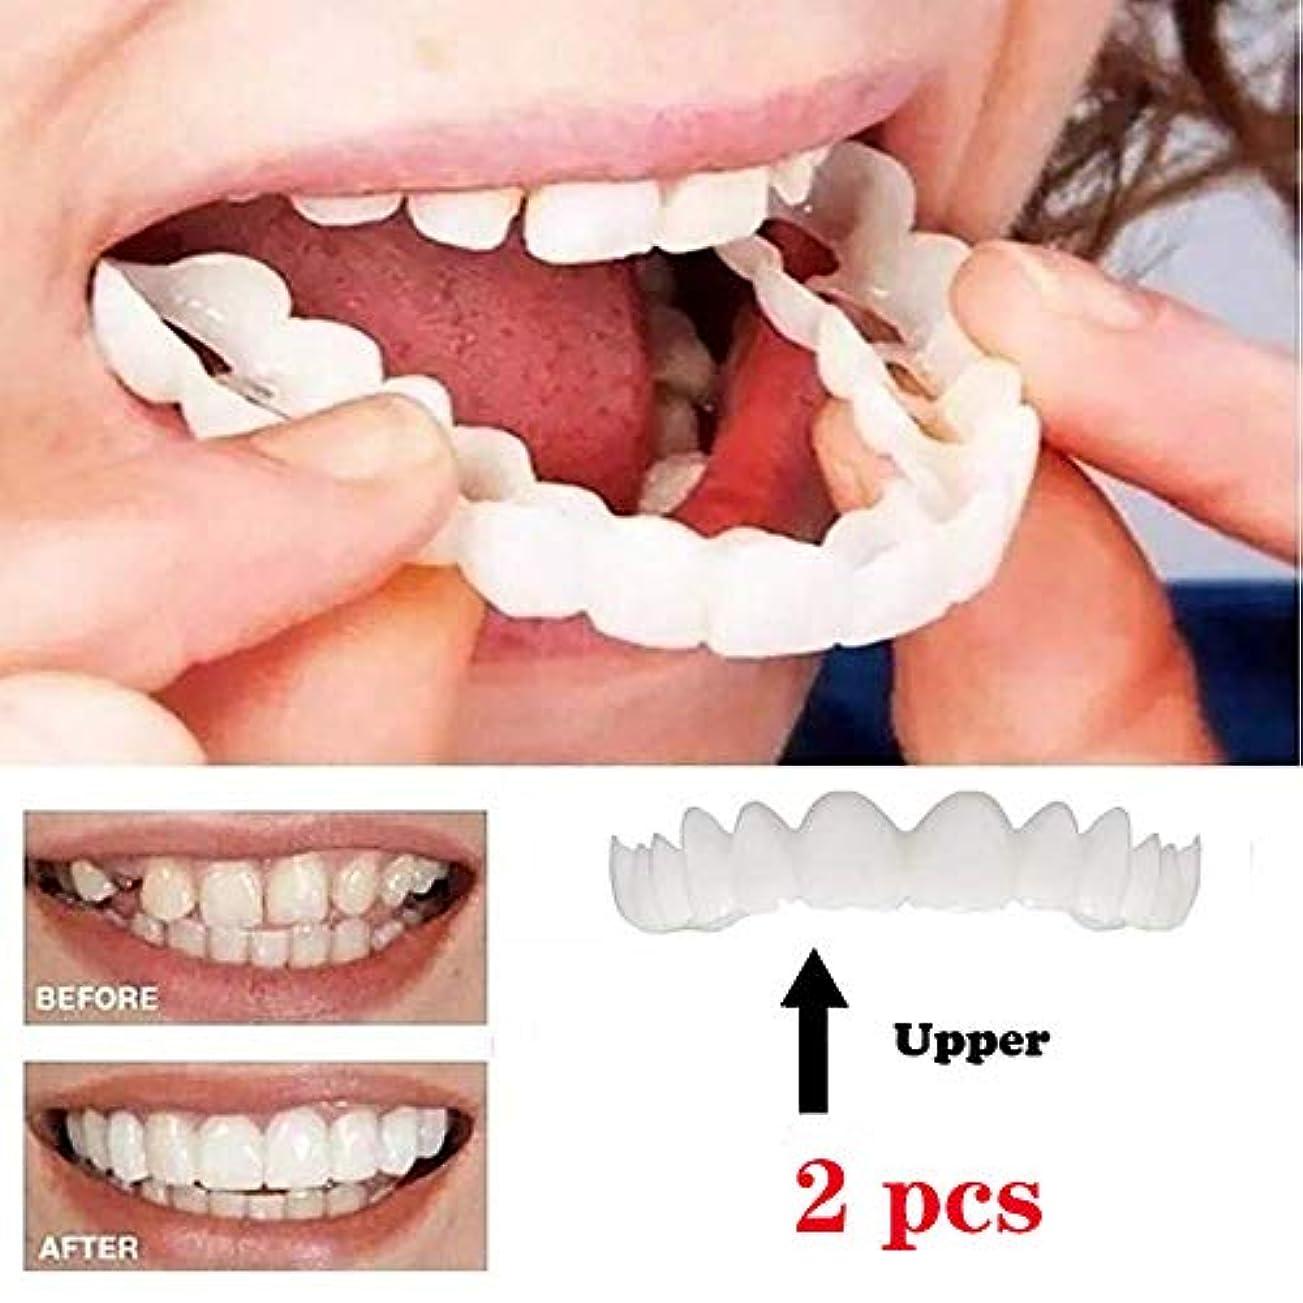 年齢寝室シーズン2個シリコーン偽の歯アッパー偽歯カバーホワイトニング義歯デンタルオーラルケア歯をホワイトニングデンタルプラスチックホワイトニング義歯ワンサイズフィットすべて